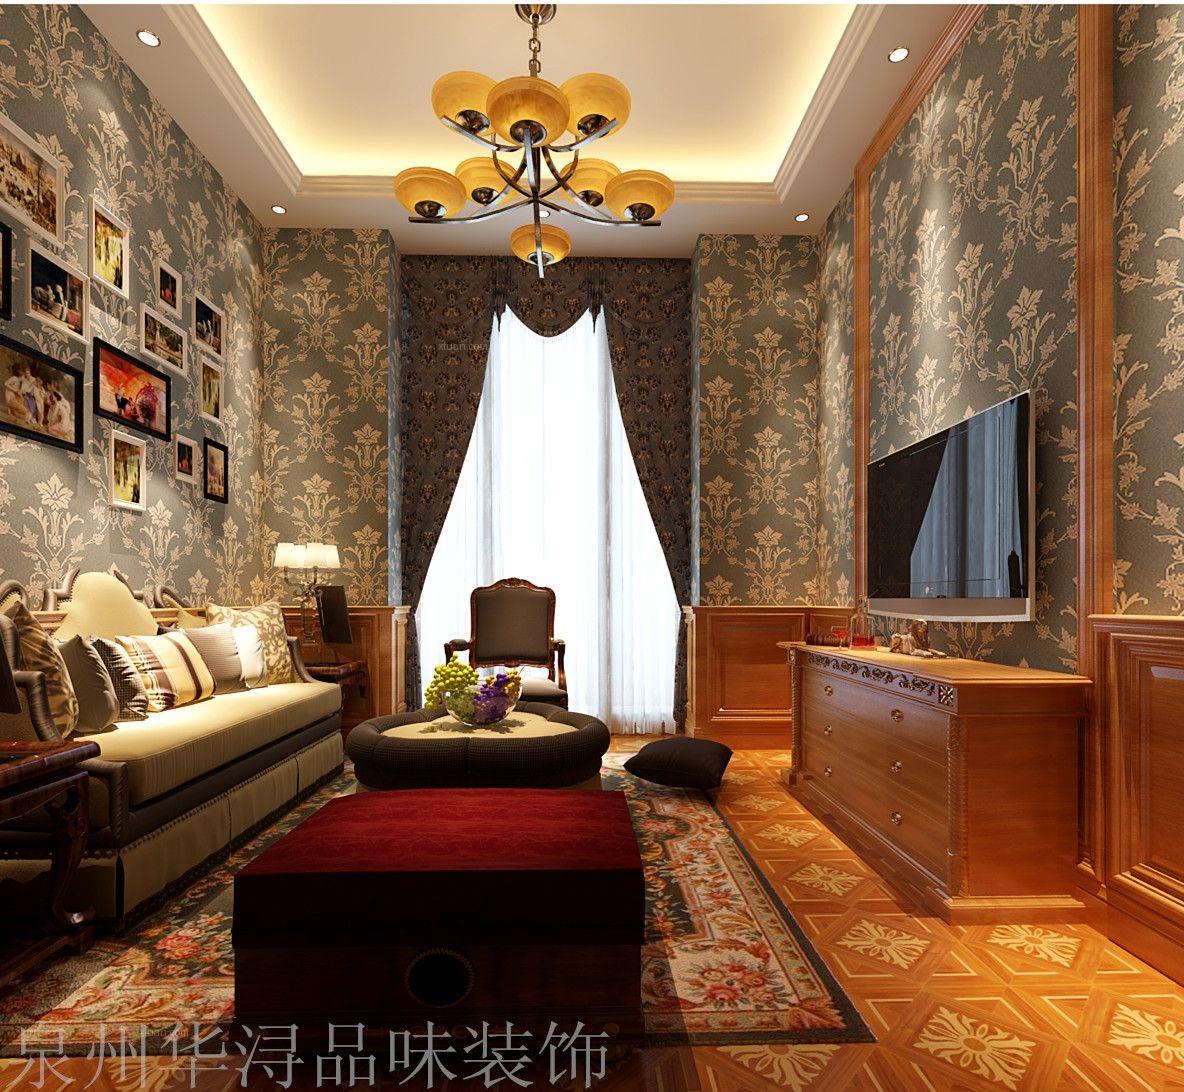 别墅美式风格休闲区沙发背景墙图片